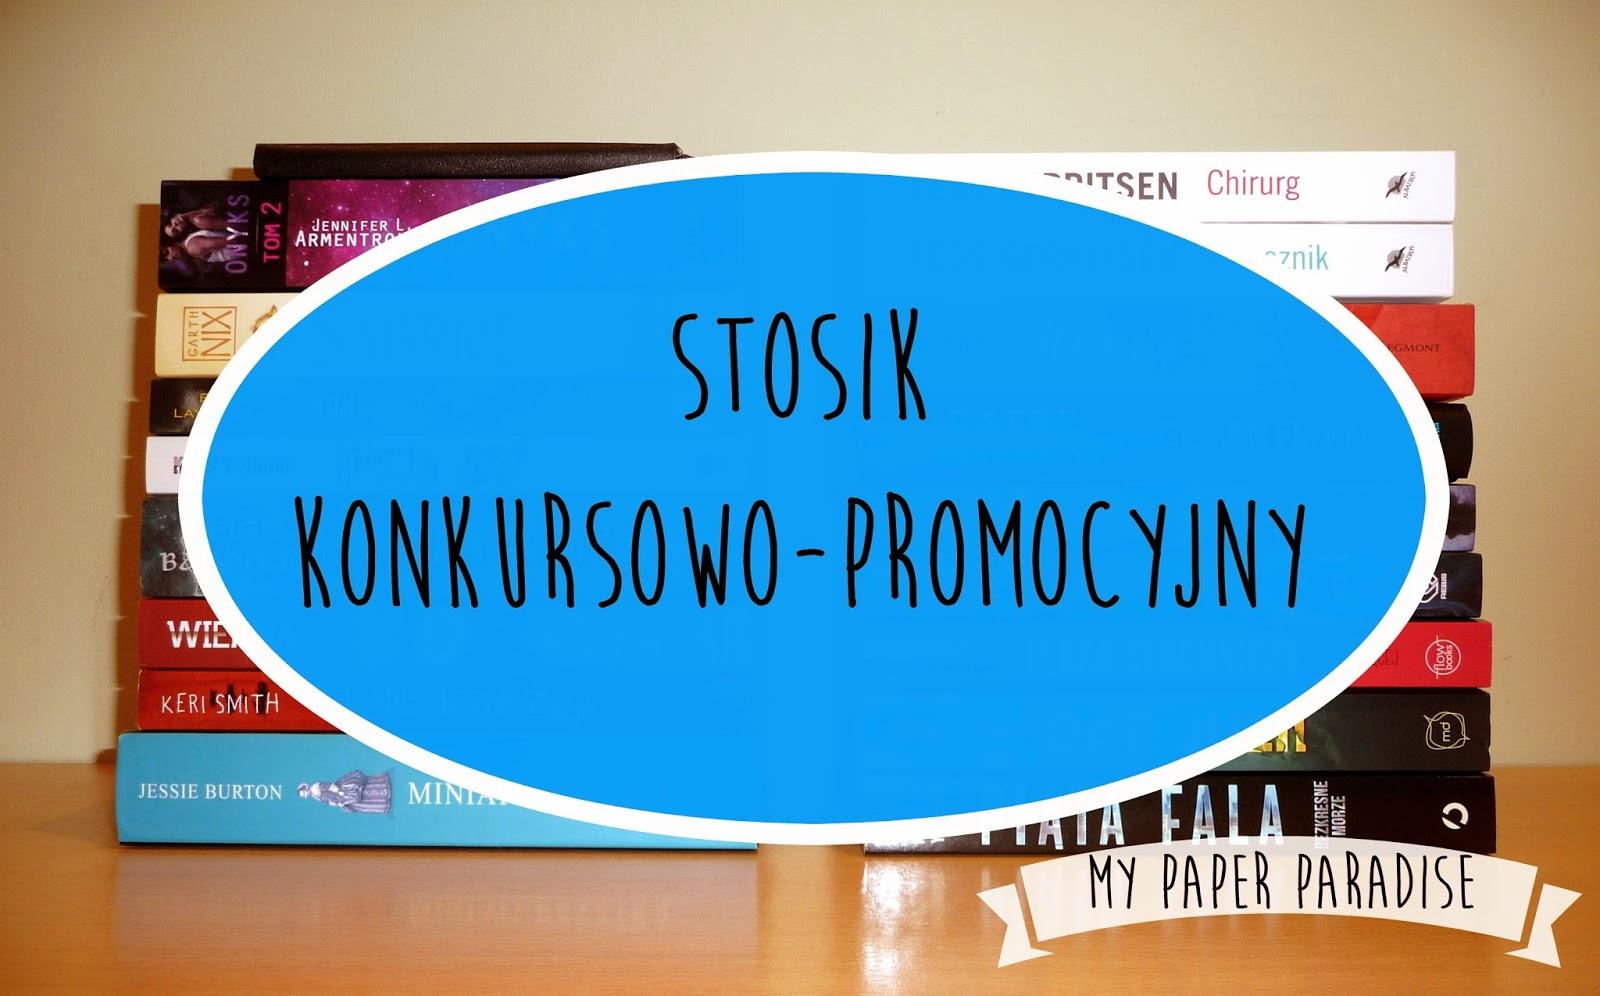 http://my-paper-paradise.blogspot.com/2015/03/stosik-konkursowo-promocyjny.html